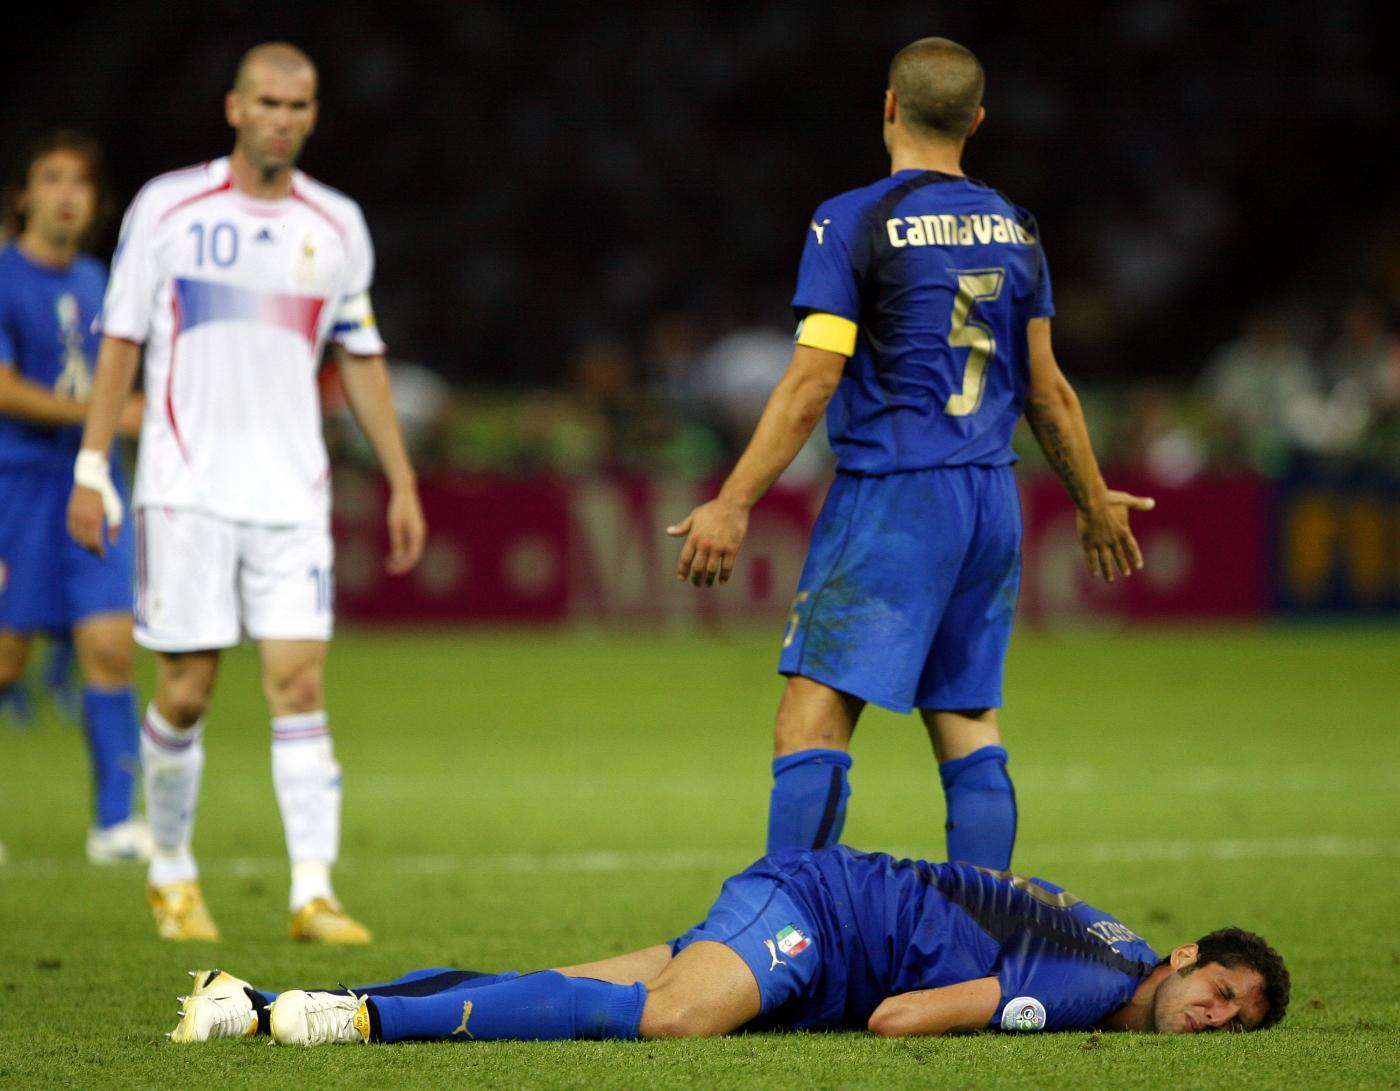 https://i0.wp.com/static.fanpage.it/calciofanpage/wp-content/uploads/2013/01/Materazzi-Zidane.jpg